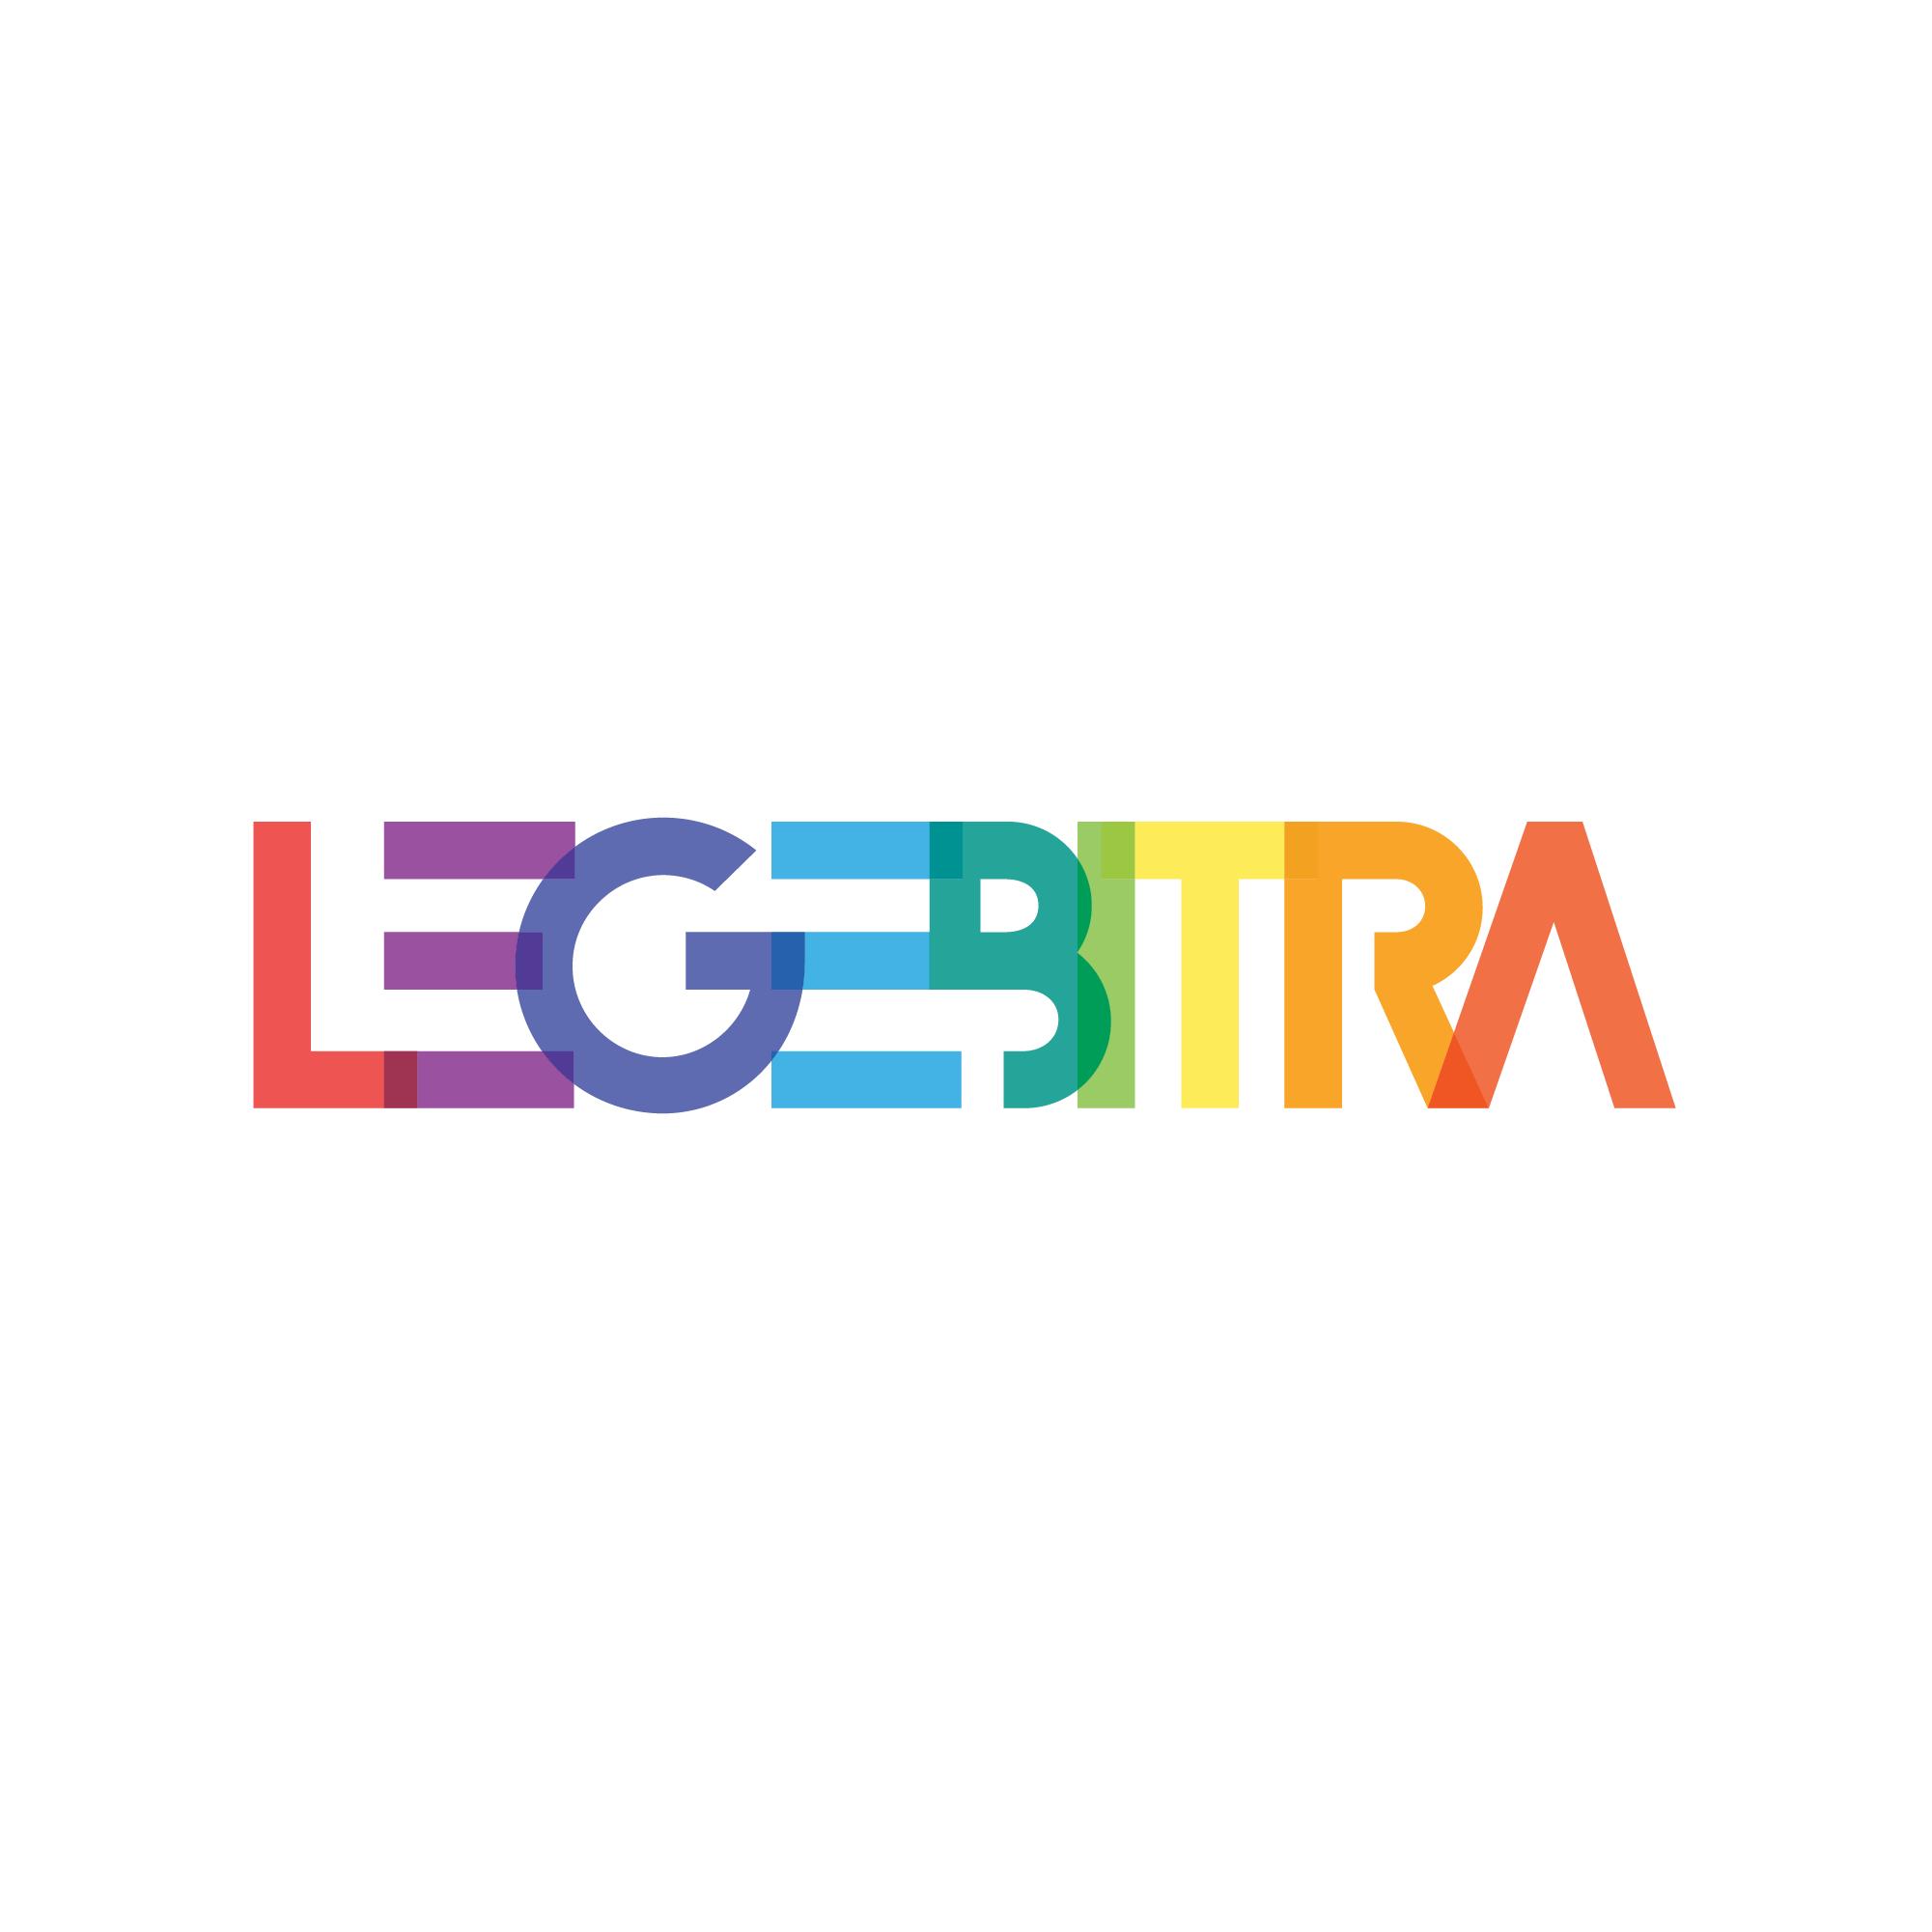 Legebitra Branding